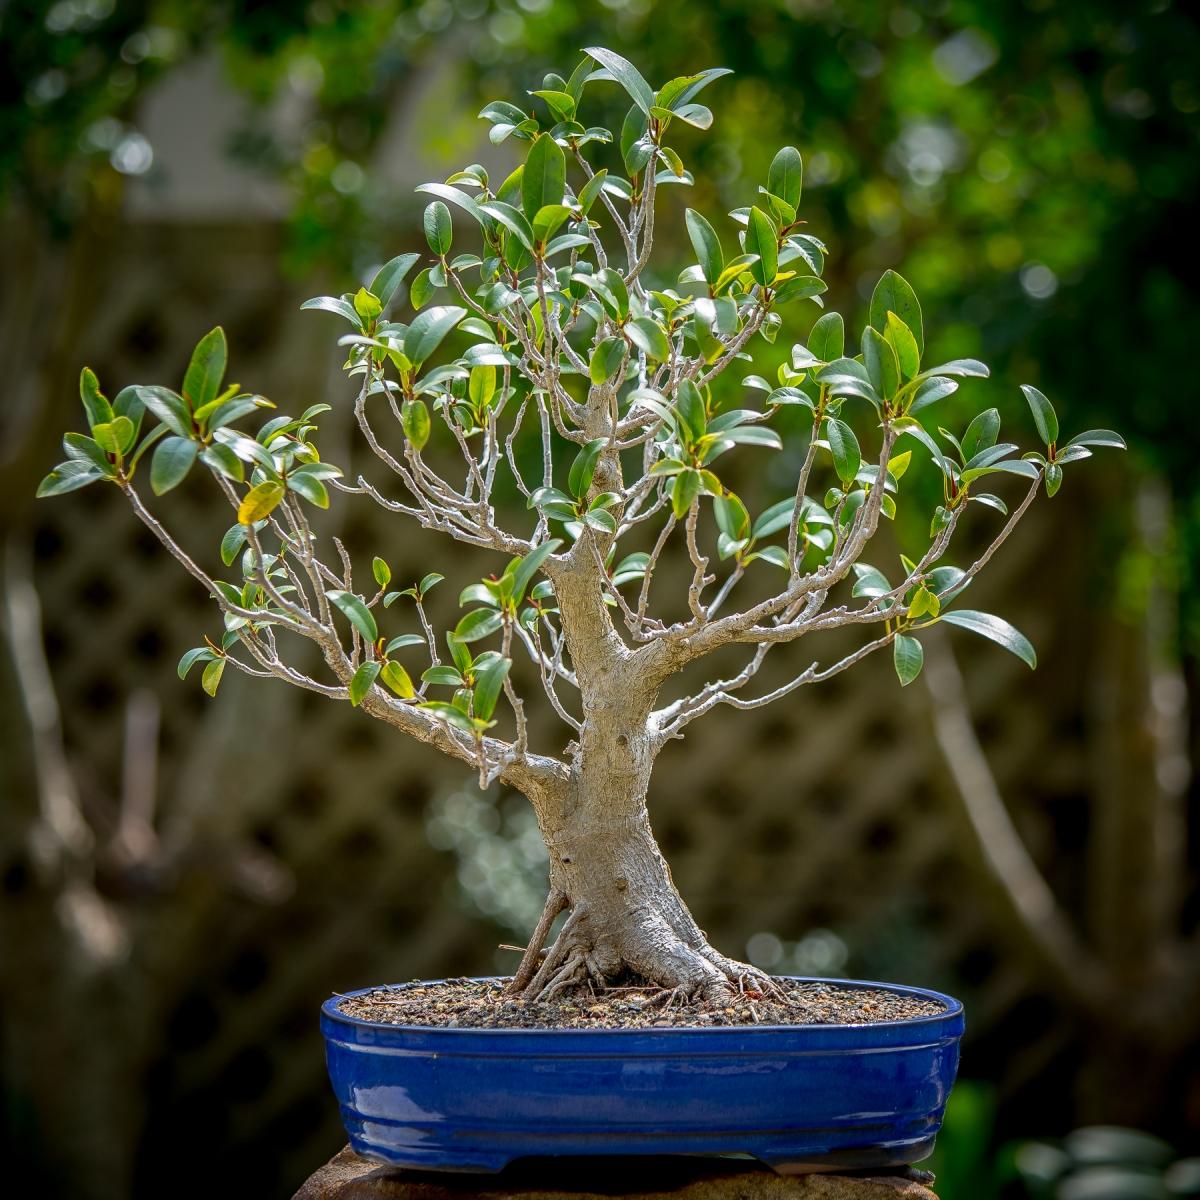 Ficus Development Tracking Ficus Development Over Several Years Matt S Bonsai Blog